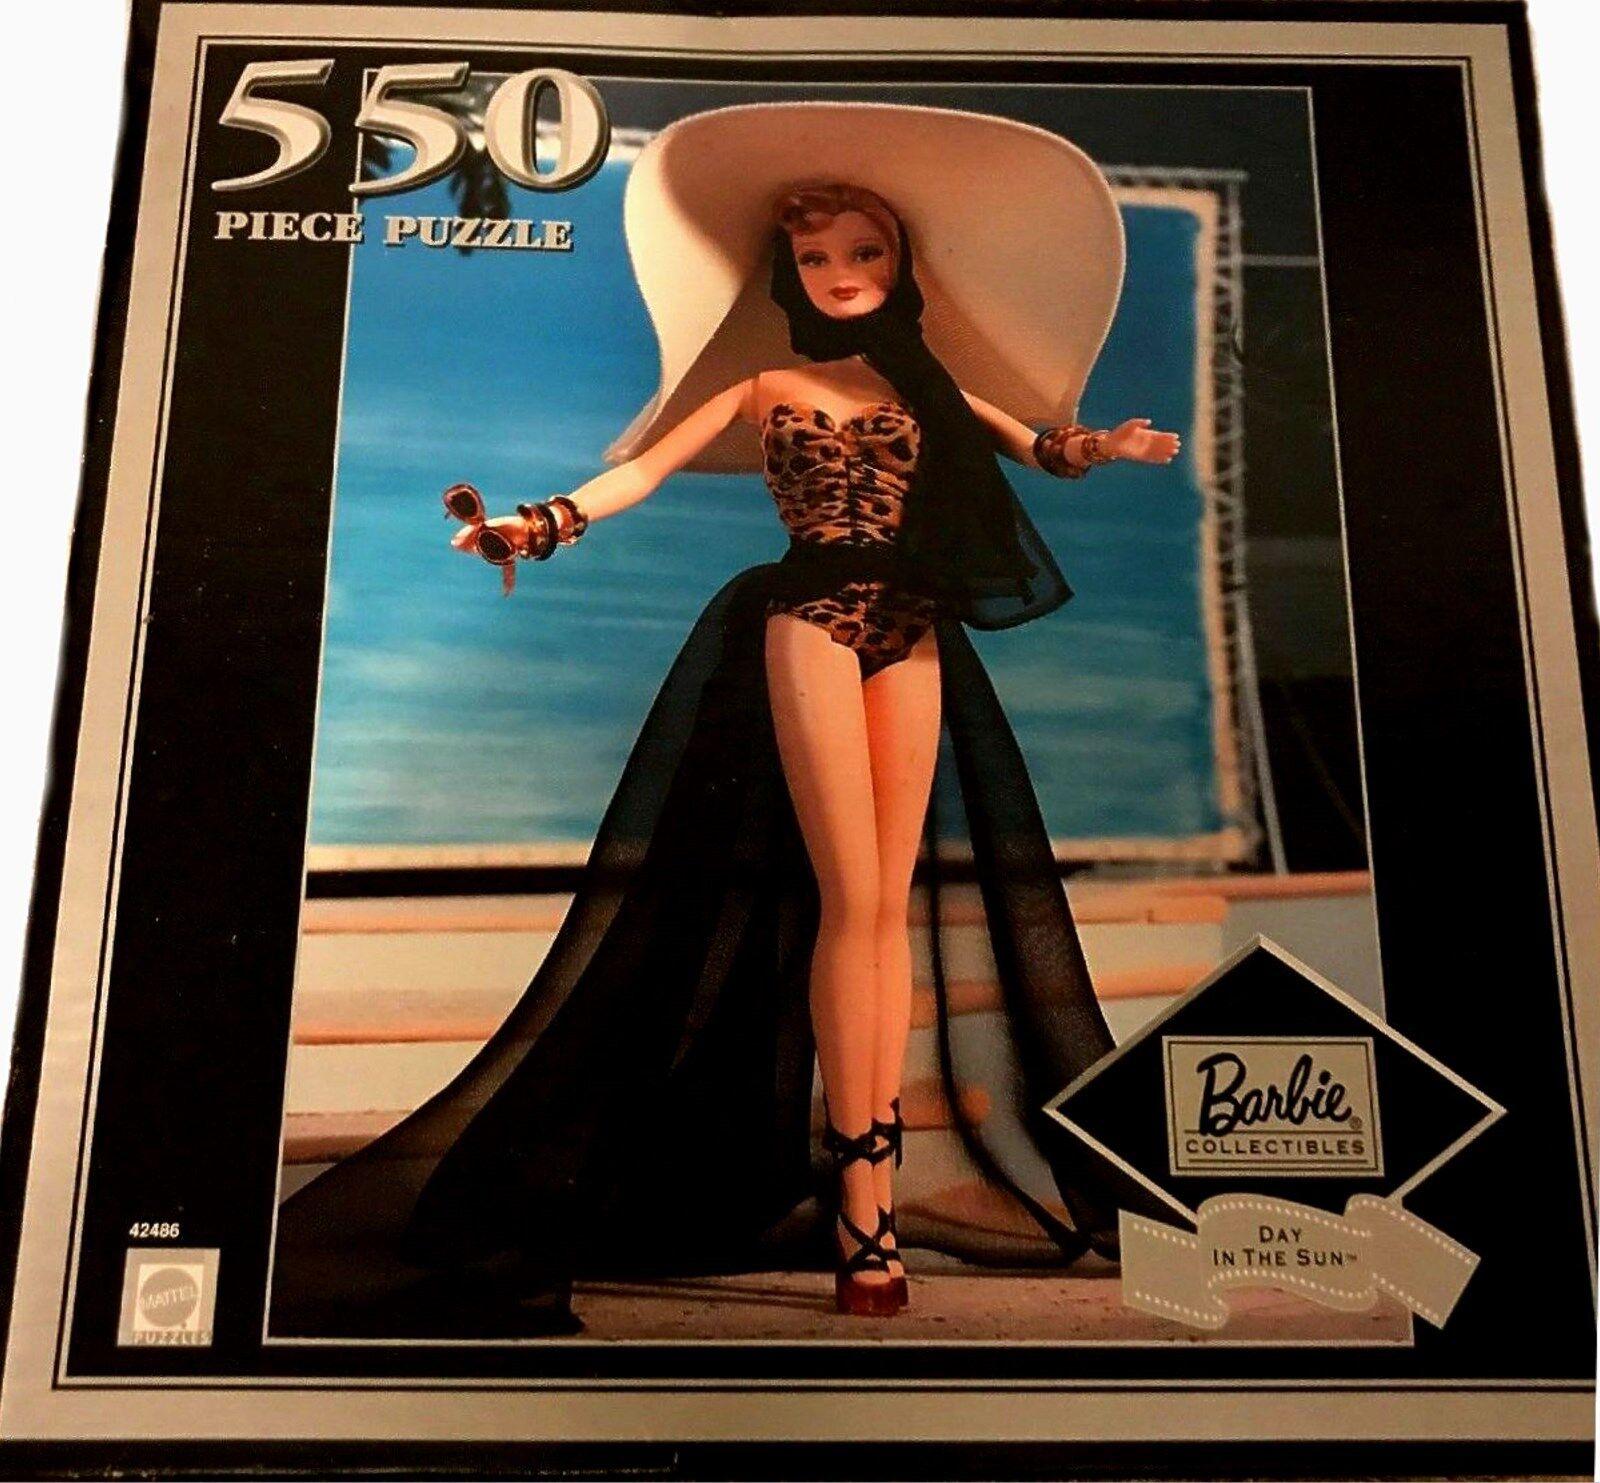 Barbie - puzzle - tag in der sonne blondhead 550 stck fabrik versiegelt neue 2000